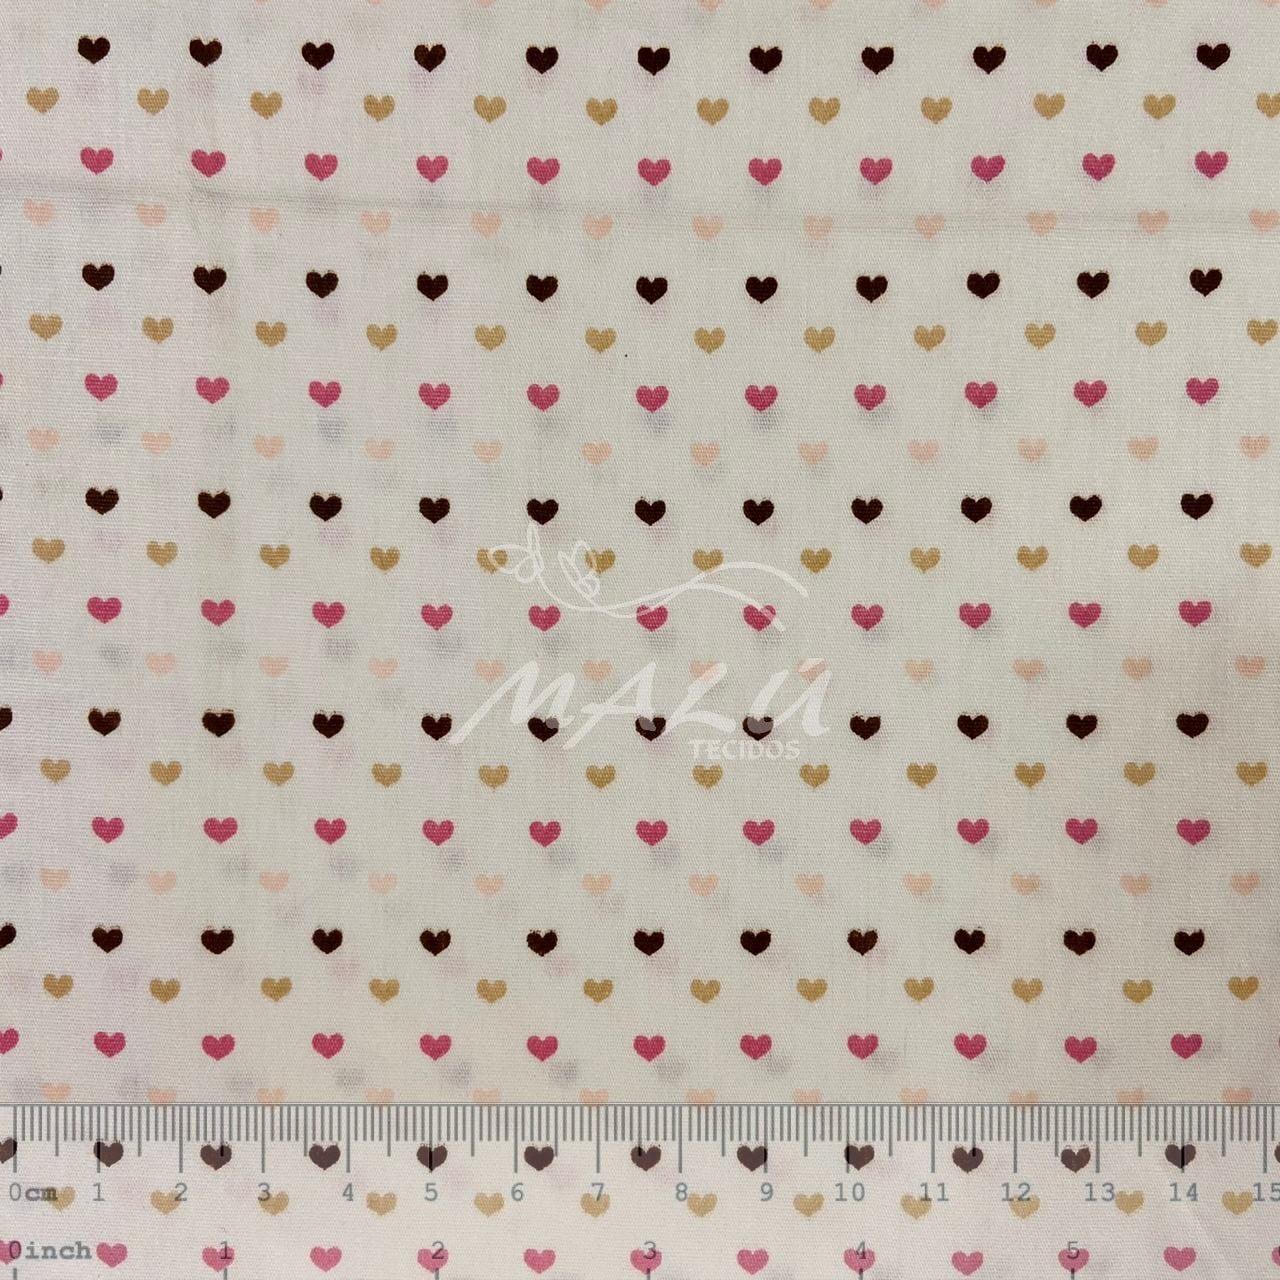 Tricoline Marfim com Corações Coloridos